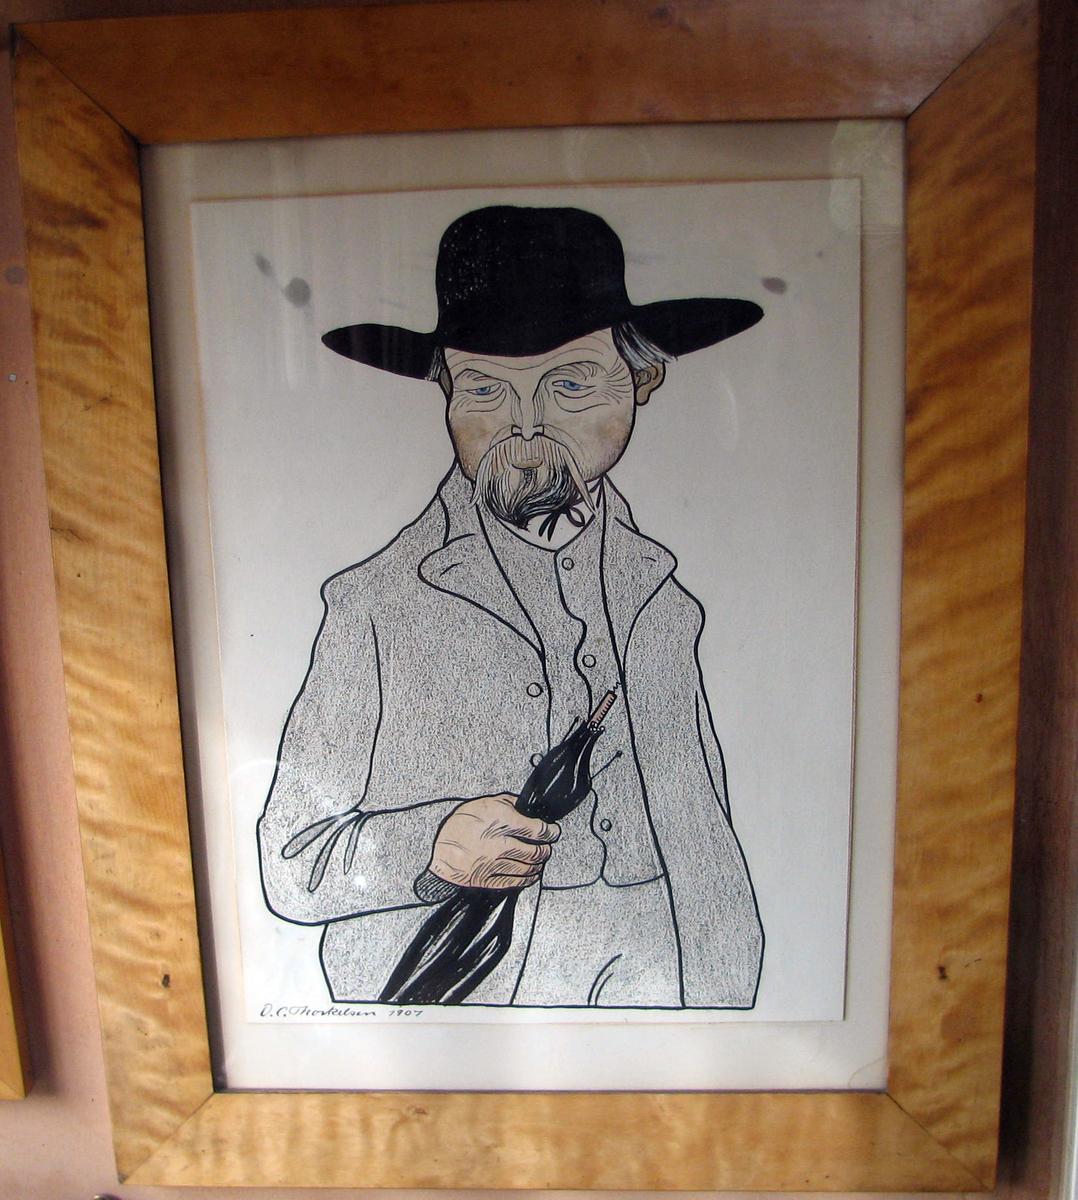 Rektangulær. Karikatur av O. Valstad, halvfigur, paraply i v. hånd, bart og skjegg, bredbremmet sort hatt